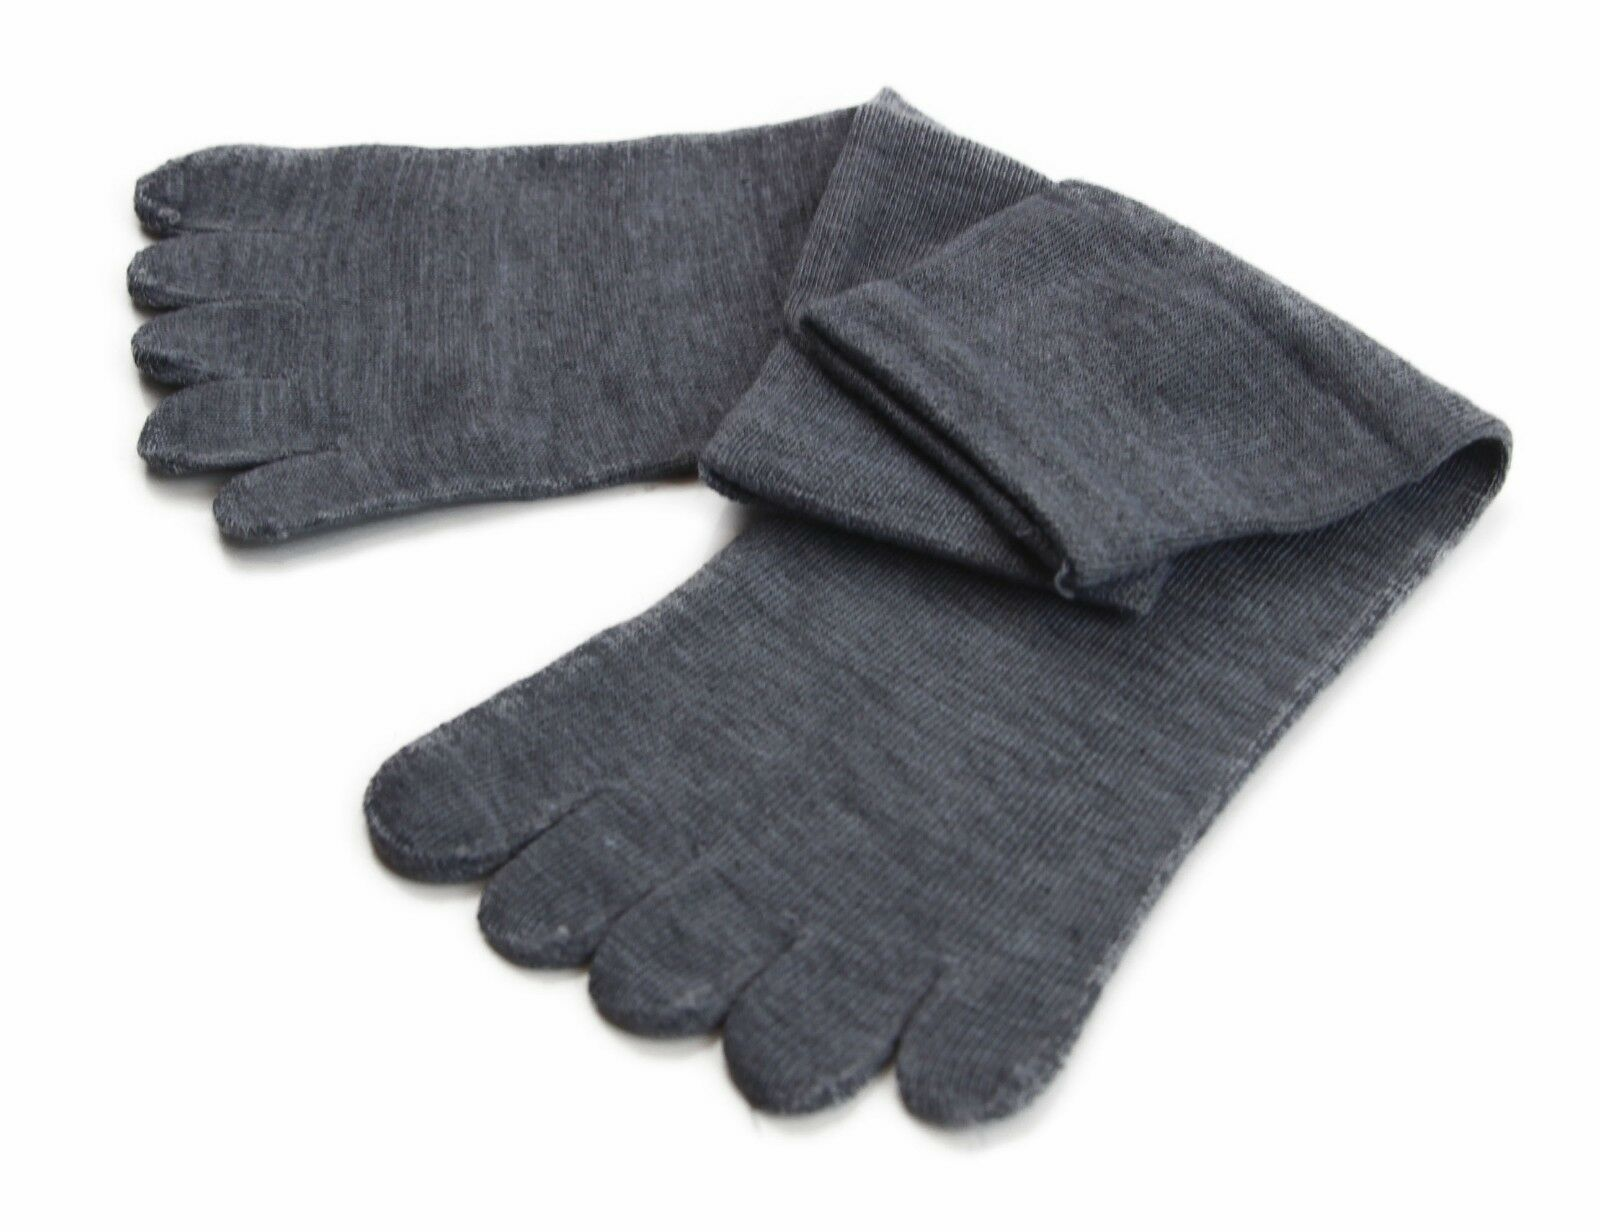 縮圖 9 - Toe Socks Premium Cotton Ankle Five Finger Socks Black Grey Brown Mens Womens